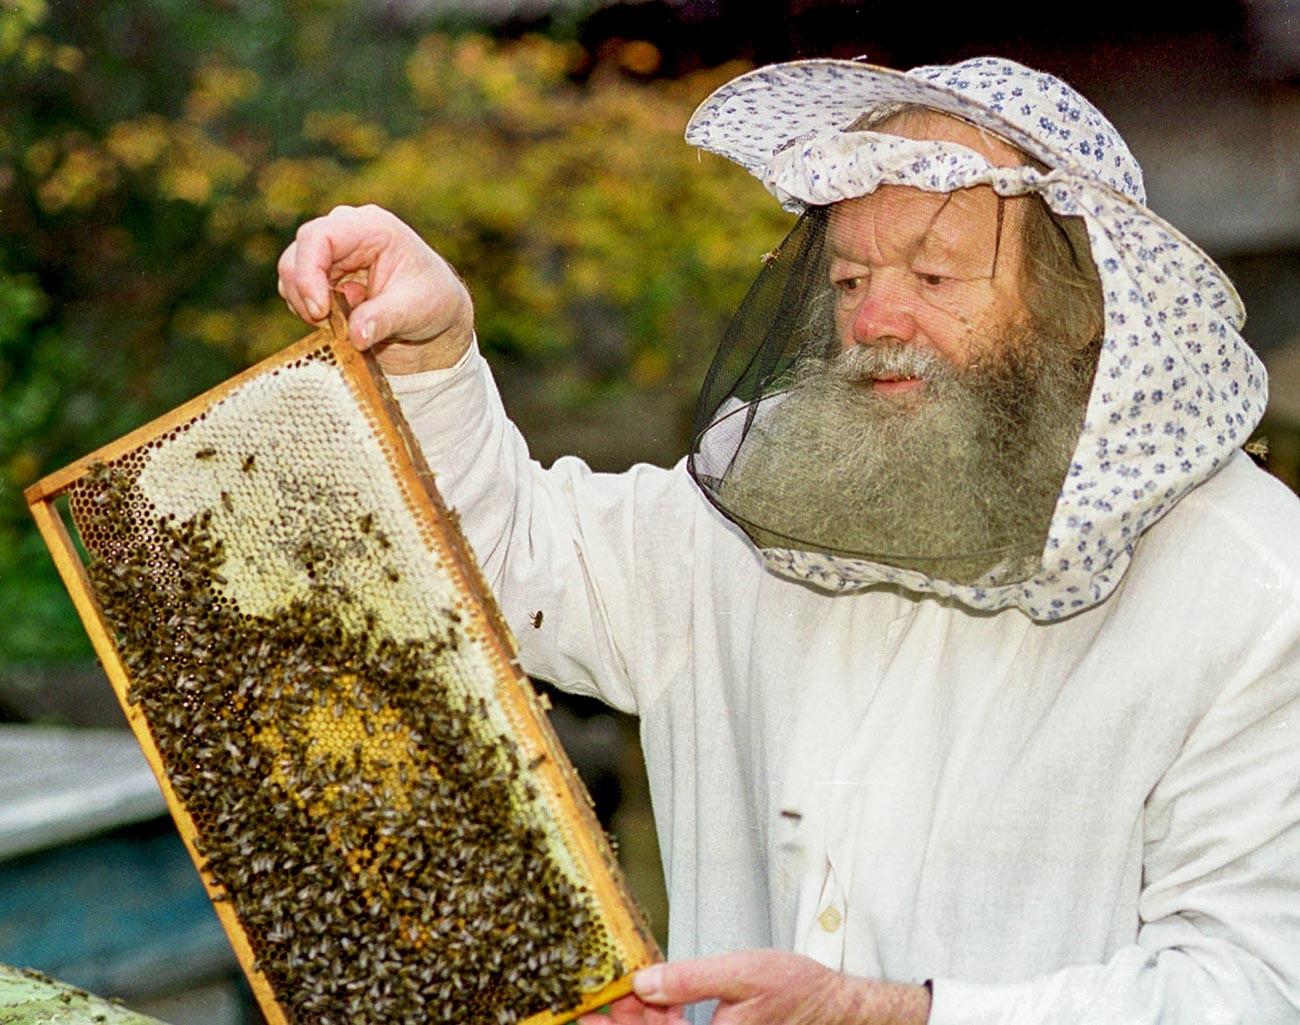 Proizvodnja medu je ena najstarejših ruskih obrti.